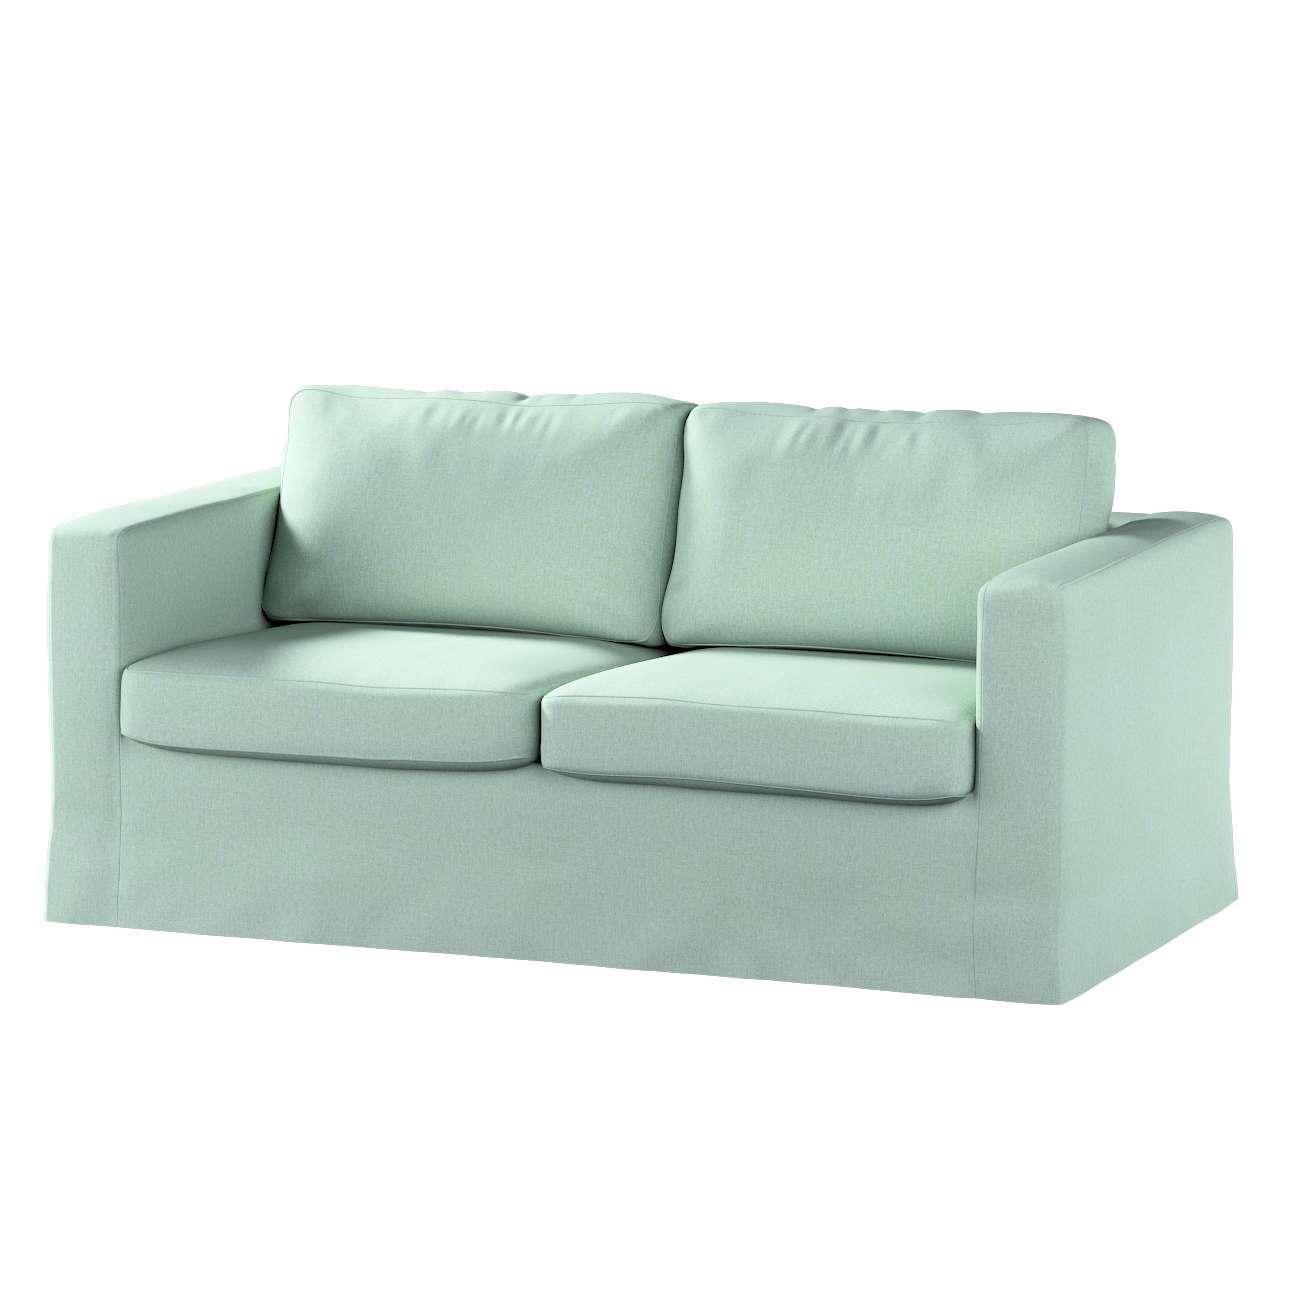 Pokrowiec na sofę Karlstad 2-osobową nierozkładaną długi w kolekcji Living, tkanina: 161-61